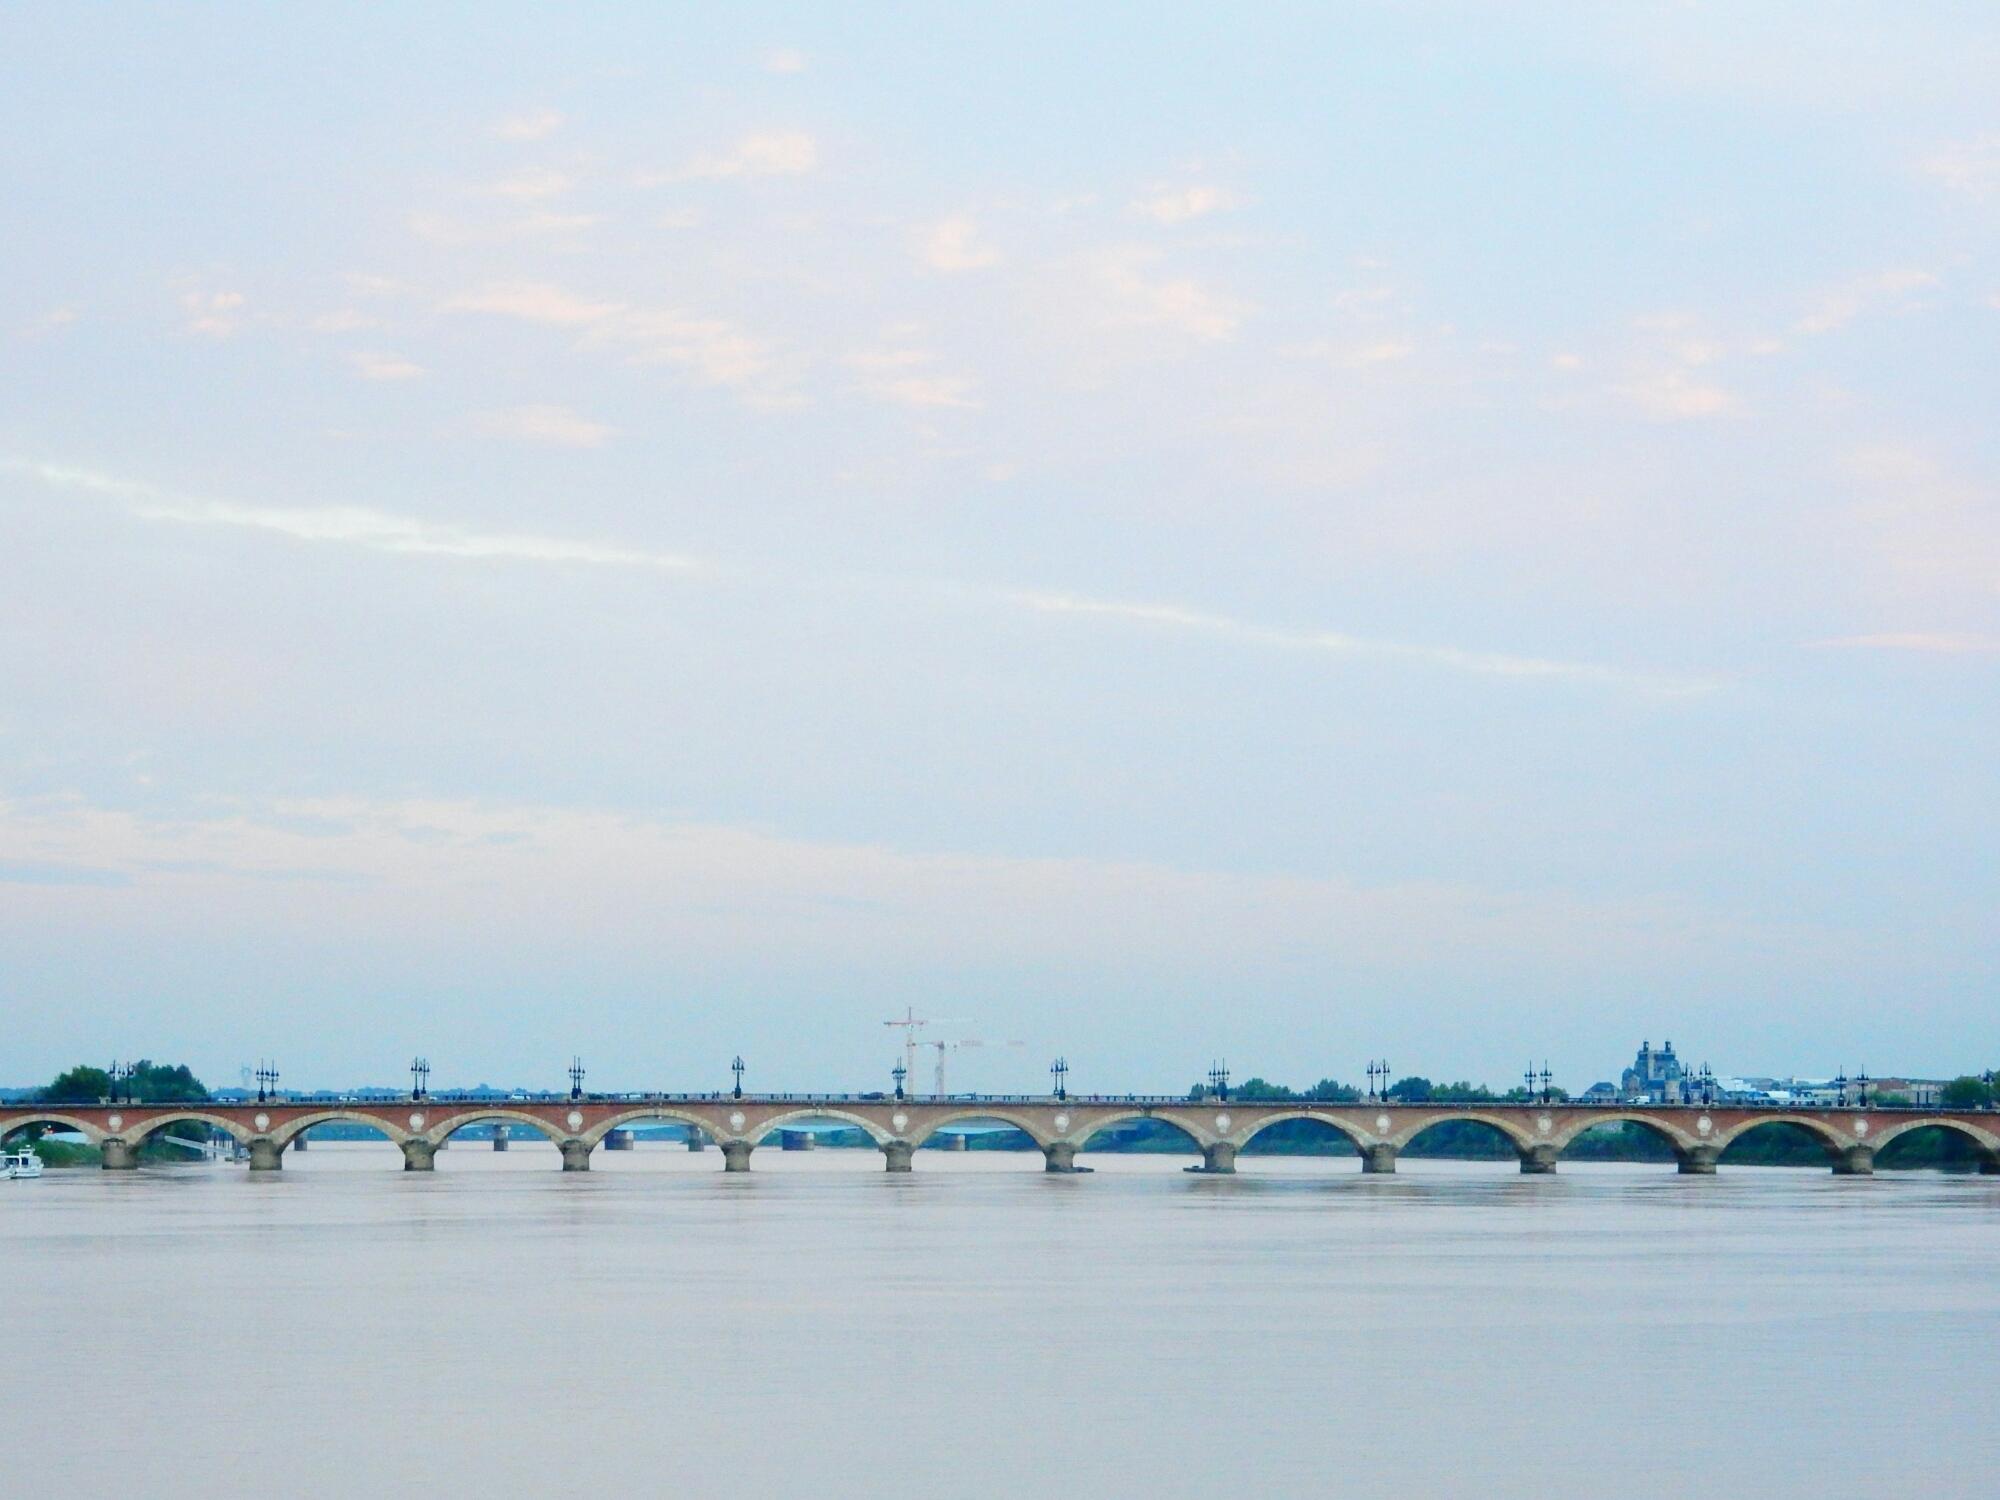 De Garonne in Bordeaux